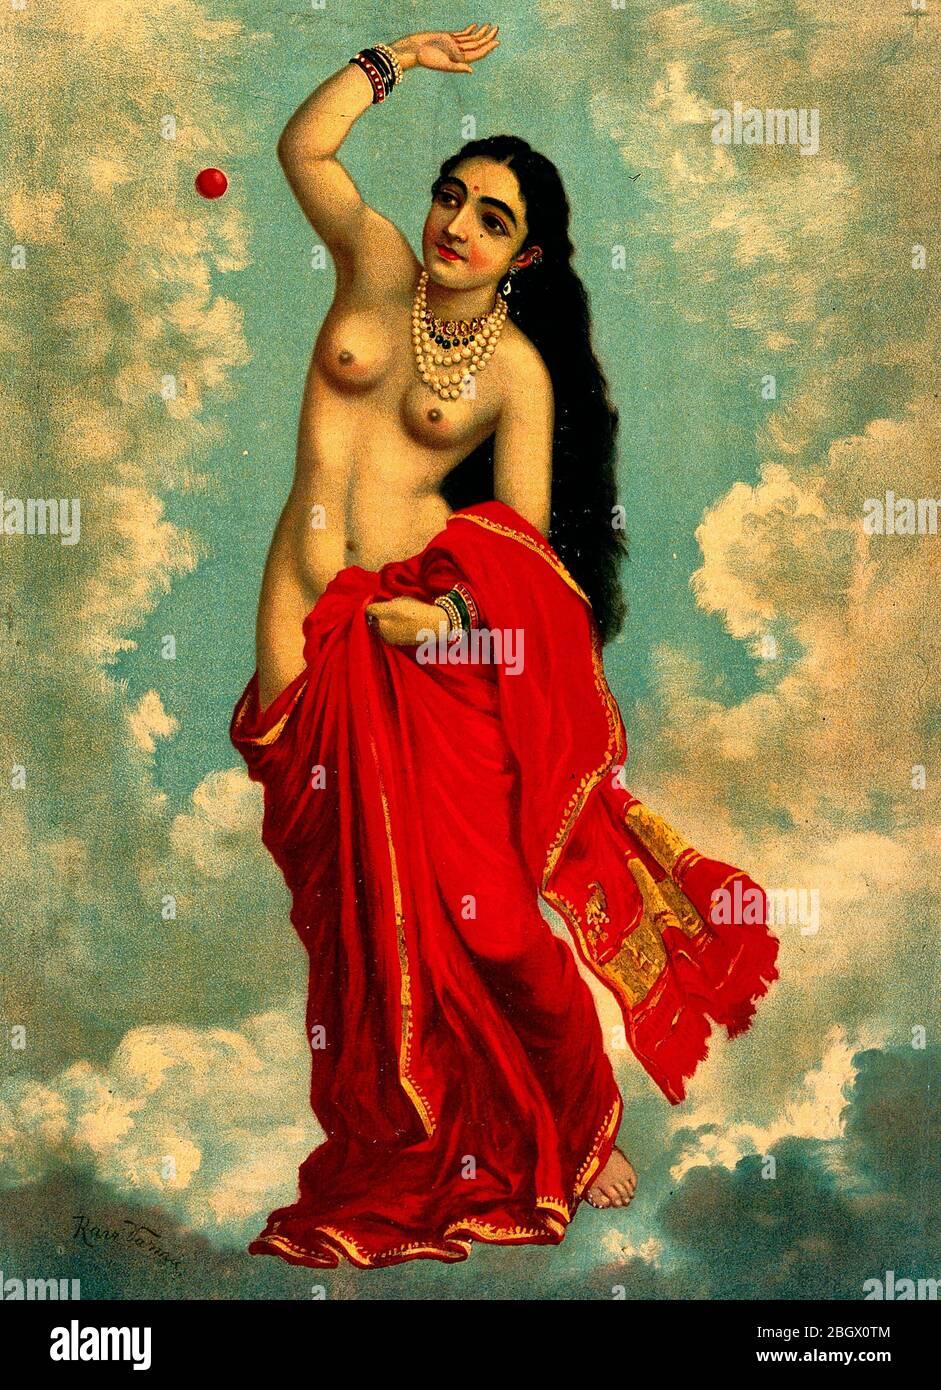 Raja Ravi Varma Krishna